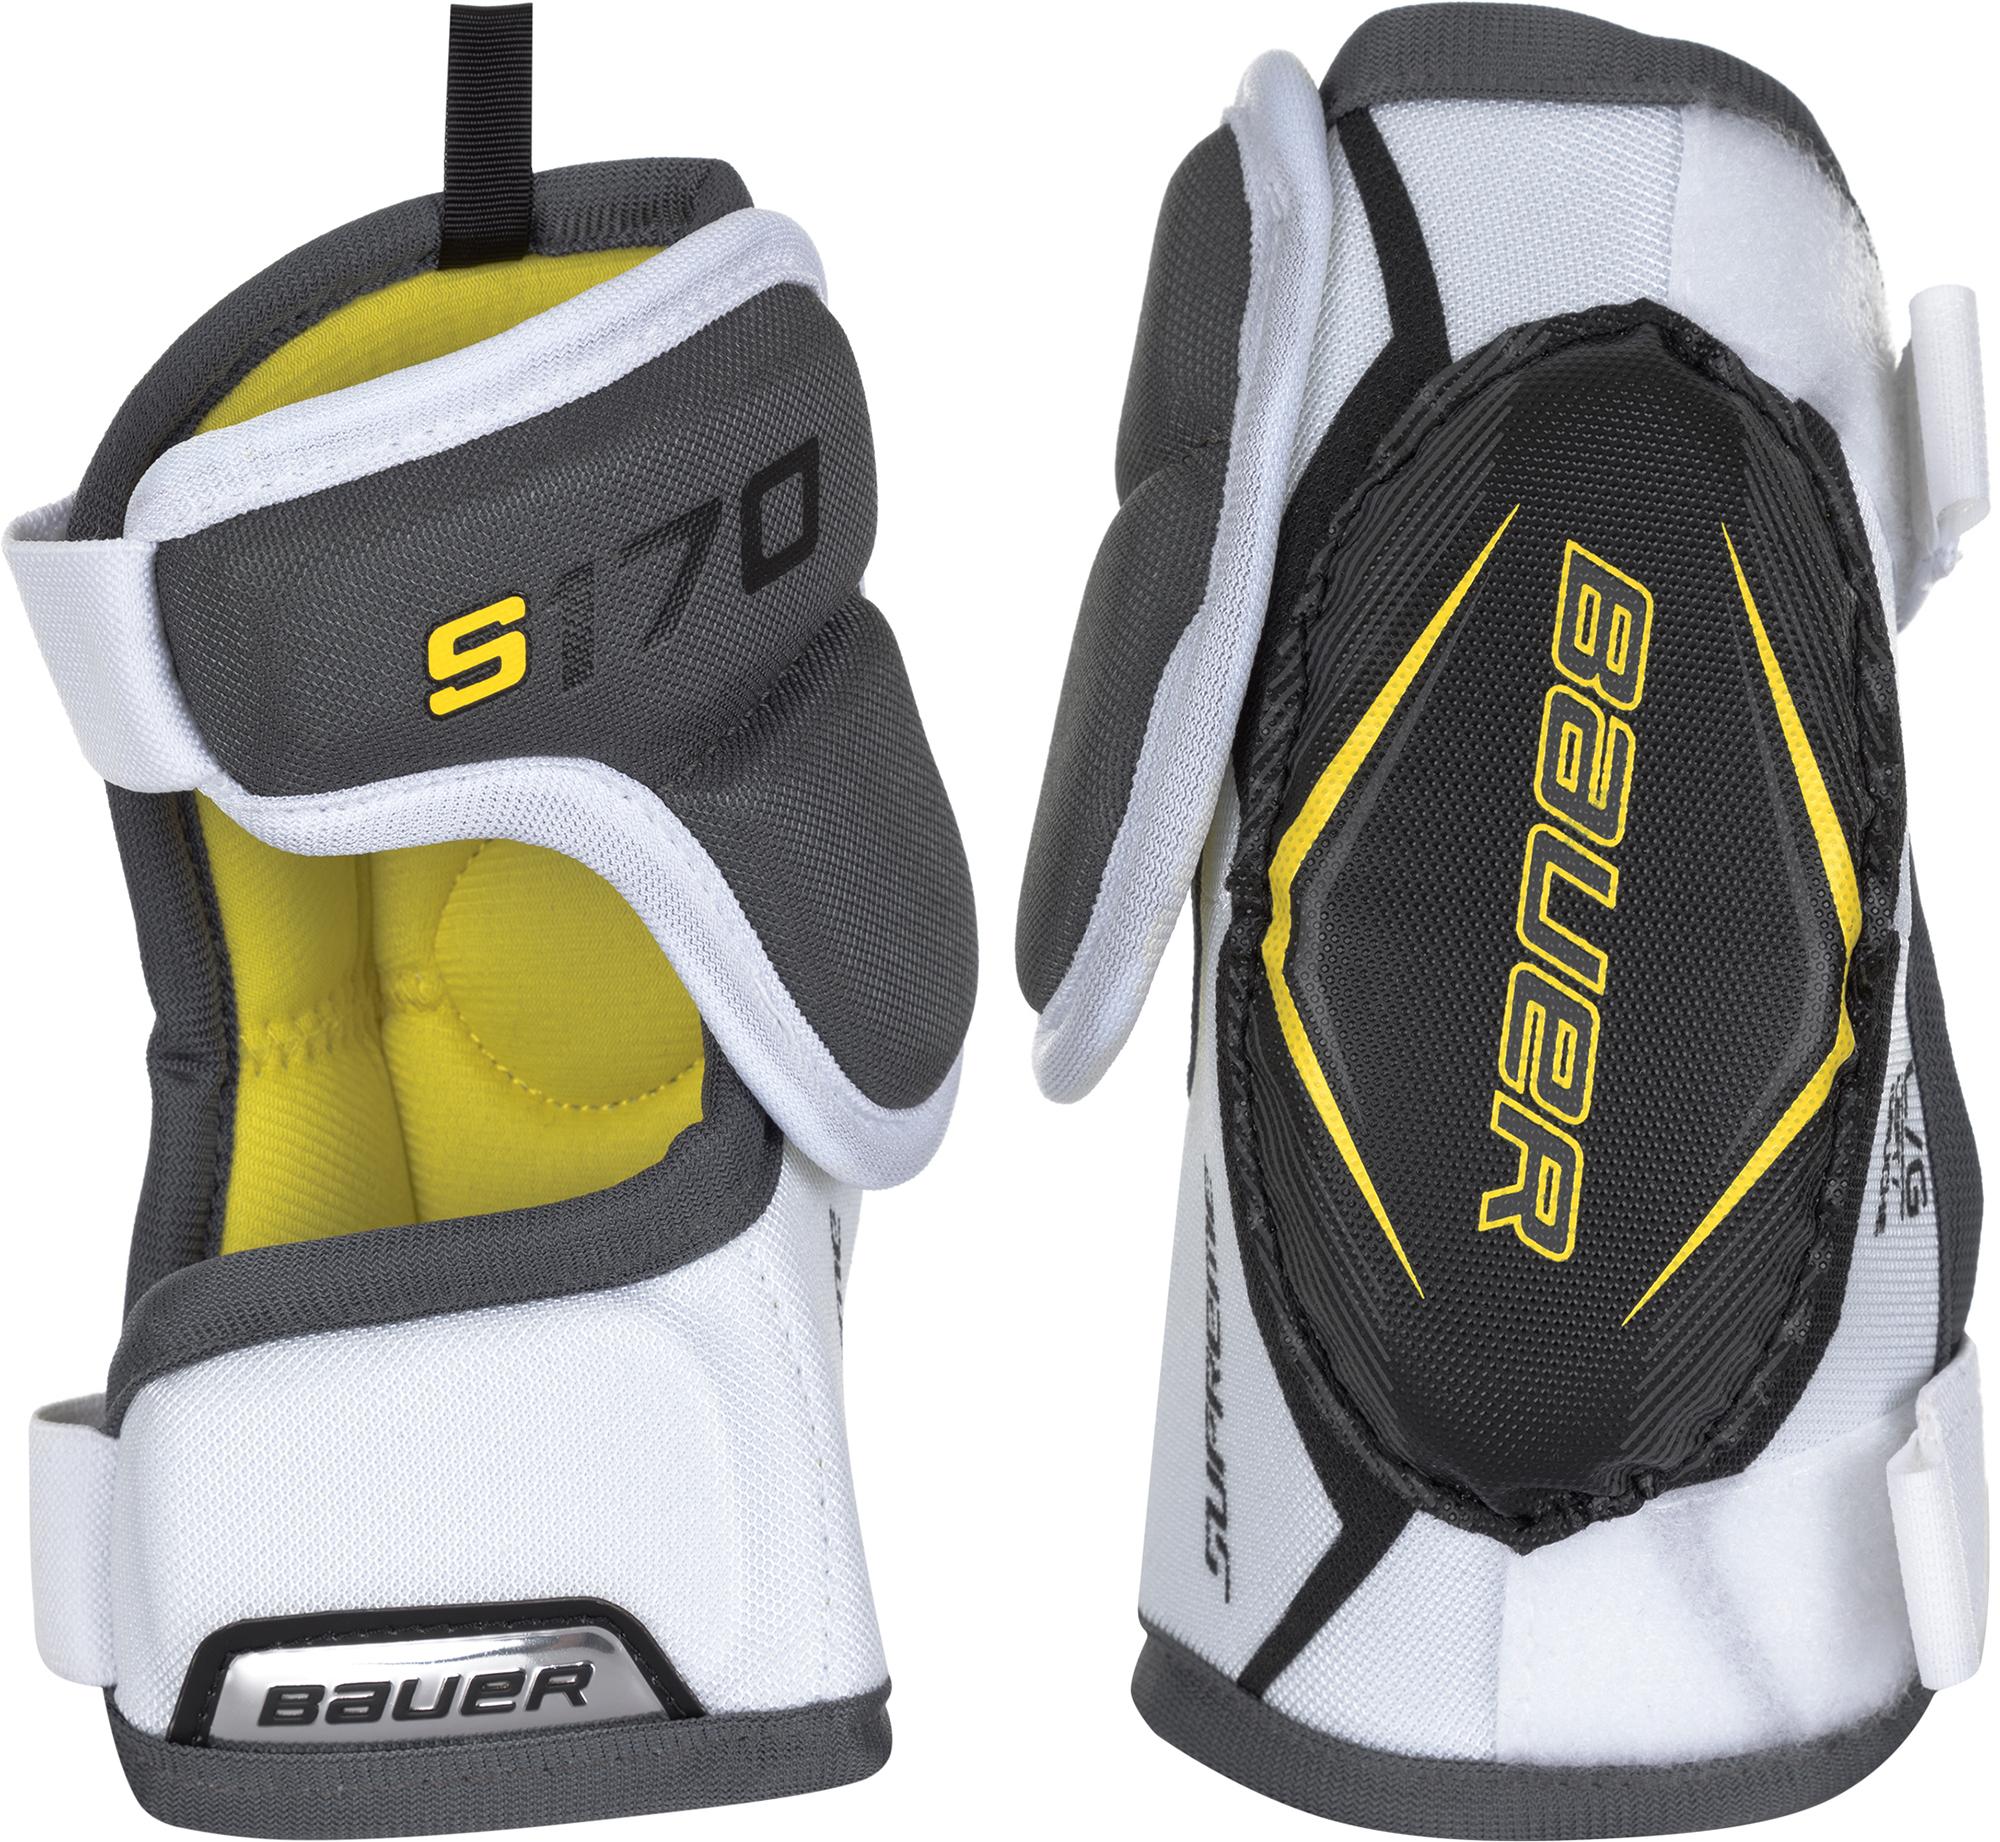 Bauer Налокотник защитный хоккейный детский Bauer SUPREME S170